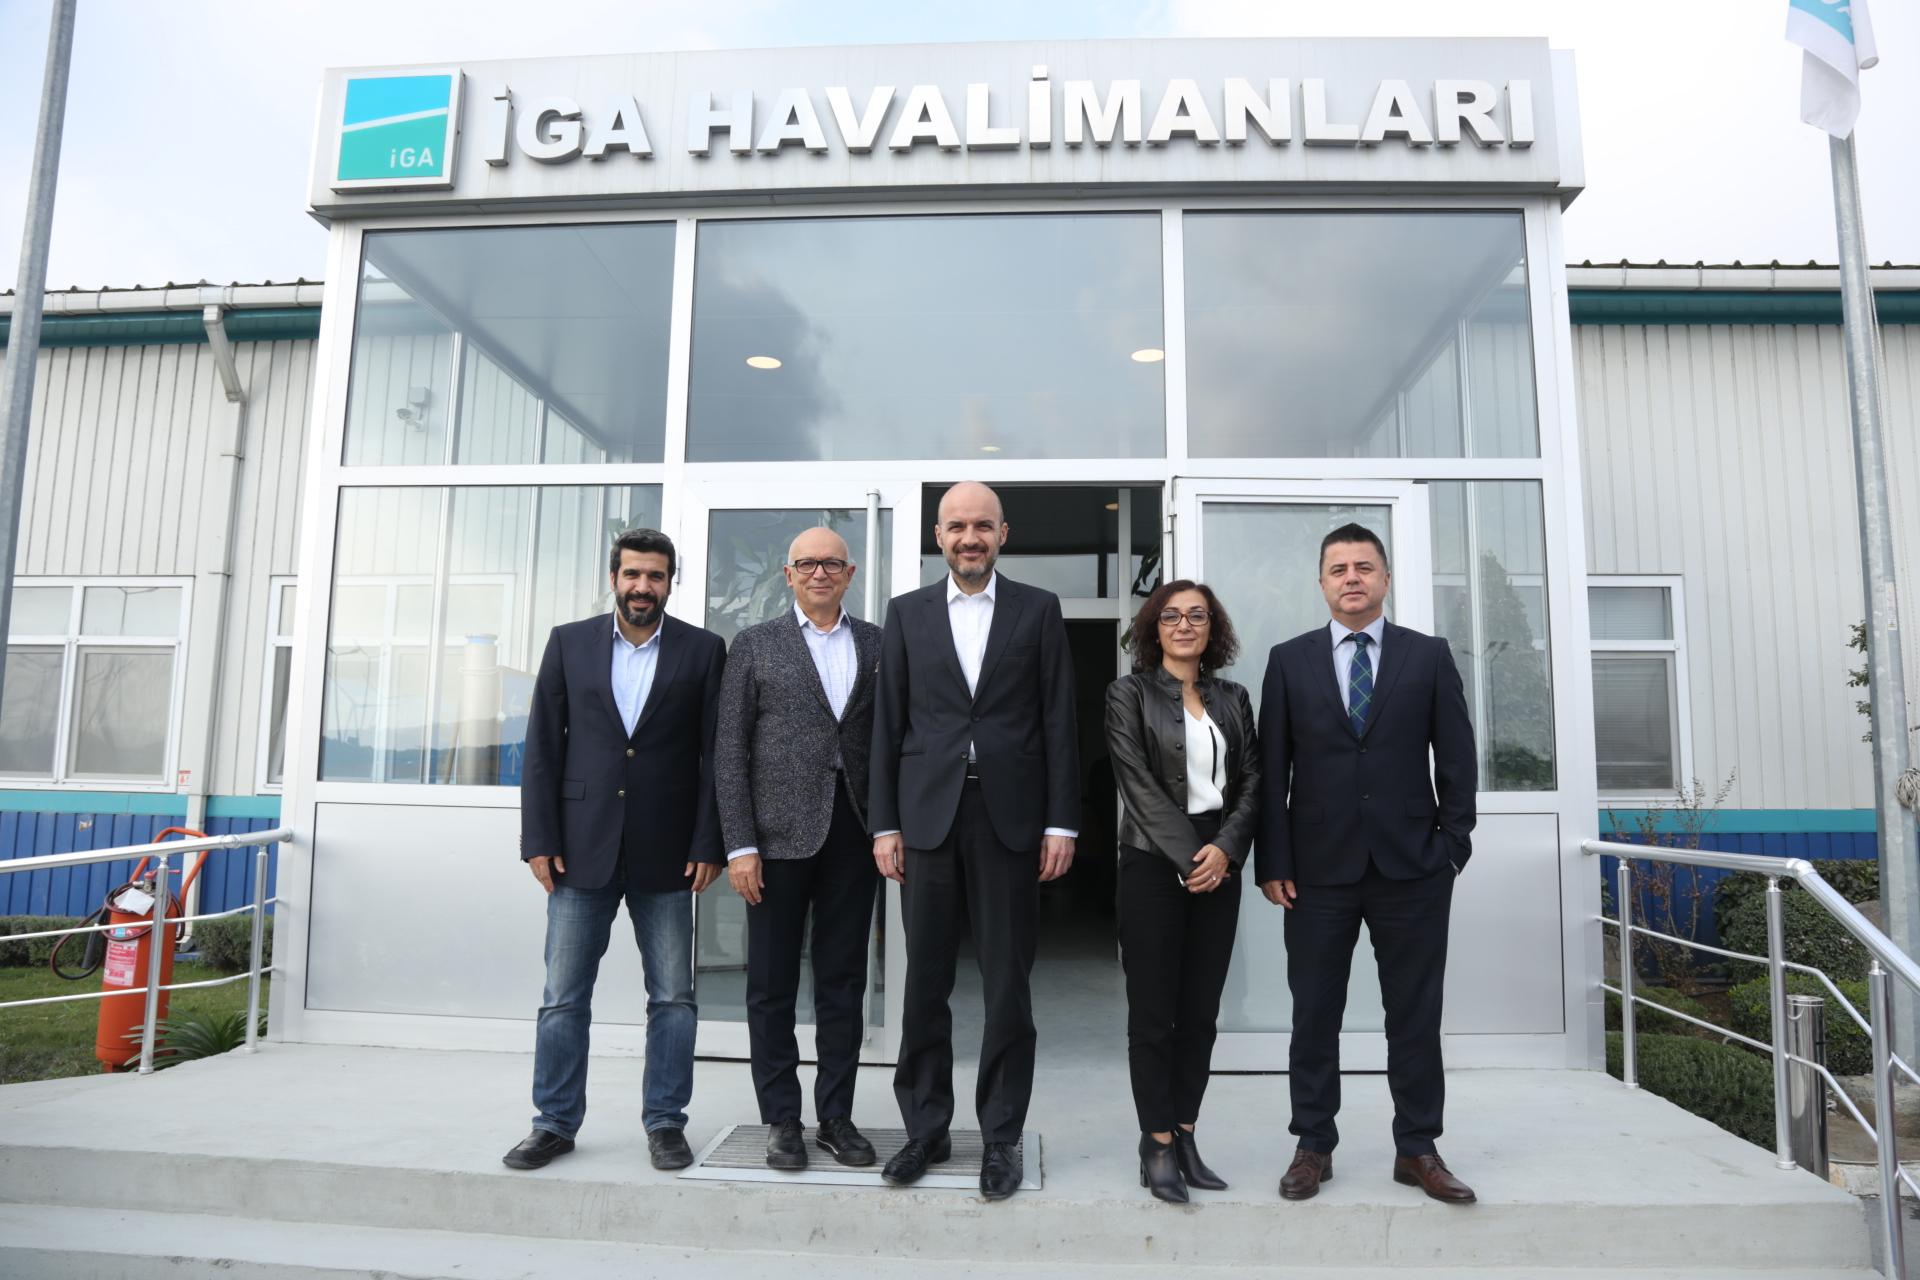 Soldan sağa: Ersin İnankul (İGA CIO), C. Müjdat Altay (Netaş CEO), Kadri Samsunlu (İGA Genel Müdürü ve İcra Kurulu Başkanı), Selda Parın (Netaş Kurumsal Sektör Genel Müdürü), Bilgehan Çataloğlu (BDH Genel Müdürü)